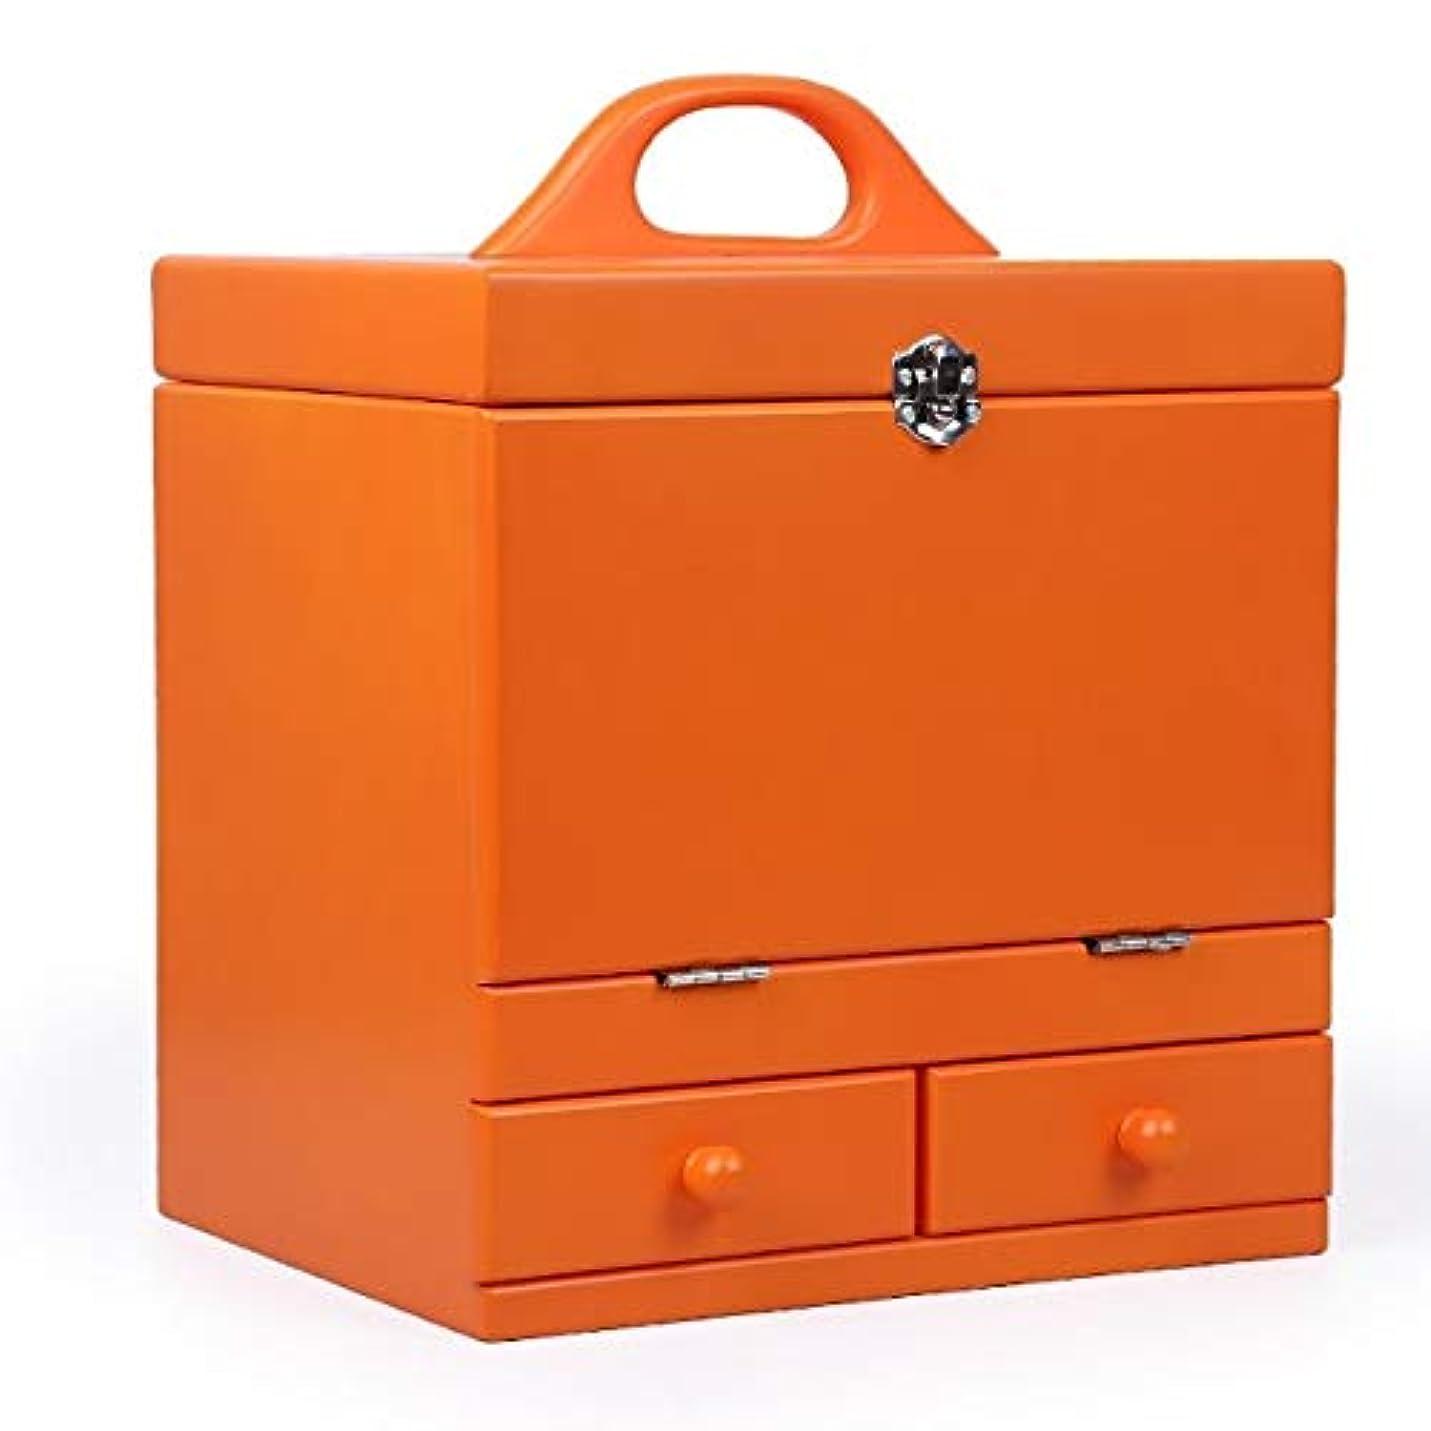 ランダム新鮮な発生器化粧箱、オレンジ二重デッキヴィンテージ木製彫刻化粧品ケース、ミラー、高級ウェディングギフト、新築祝いギフト、美容ネイルジュエリー収納ボックス